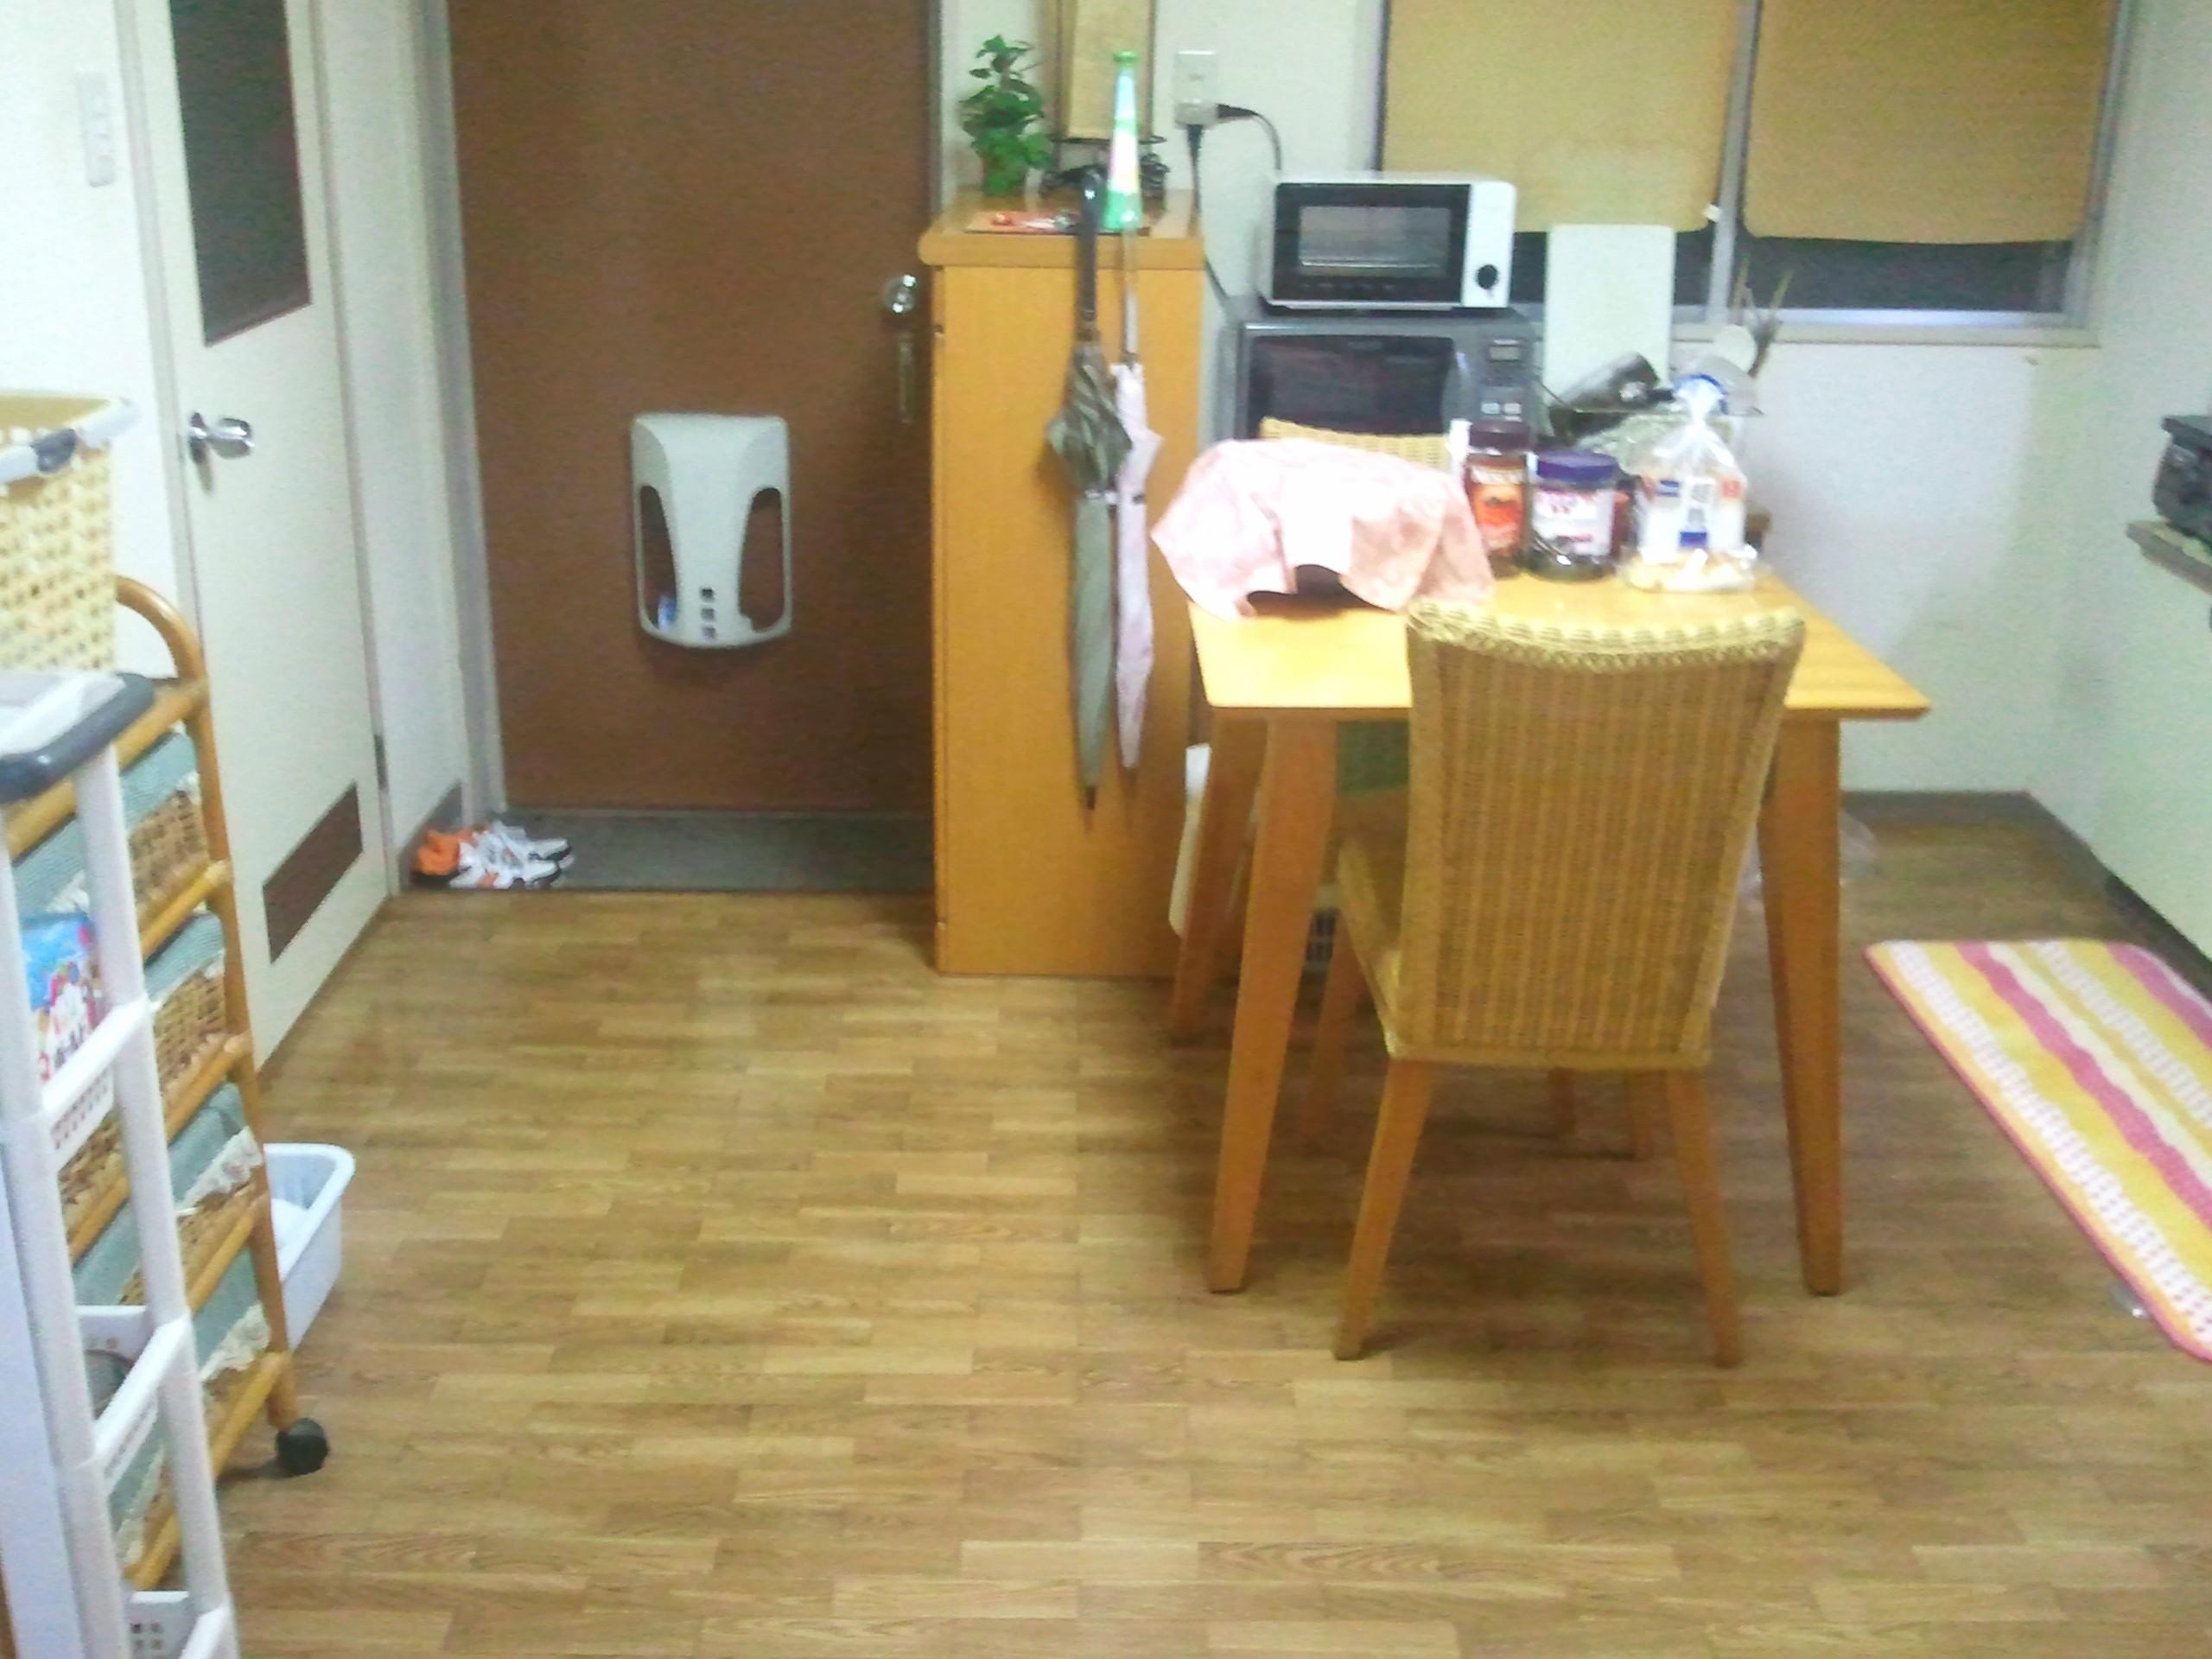 独り住まい,キッチン綺麗ダイニング,リビング,お部屋,一人暮らし